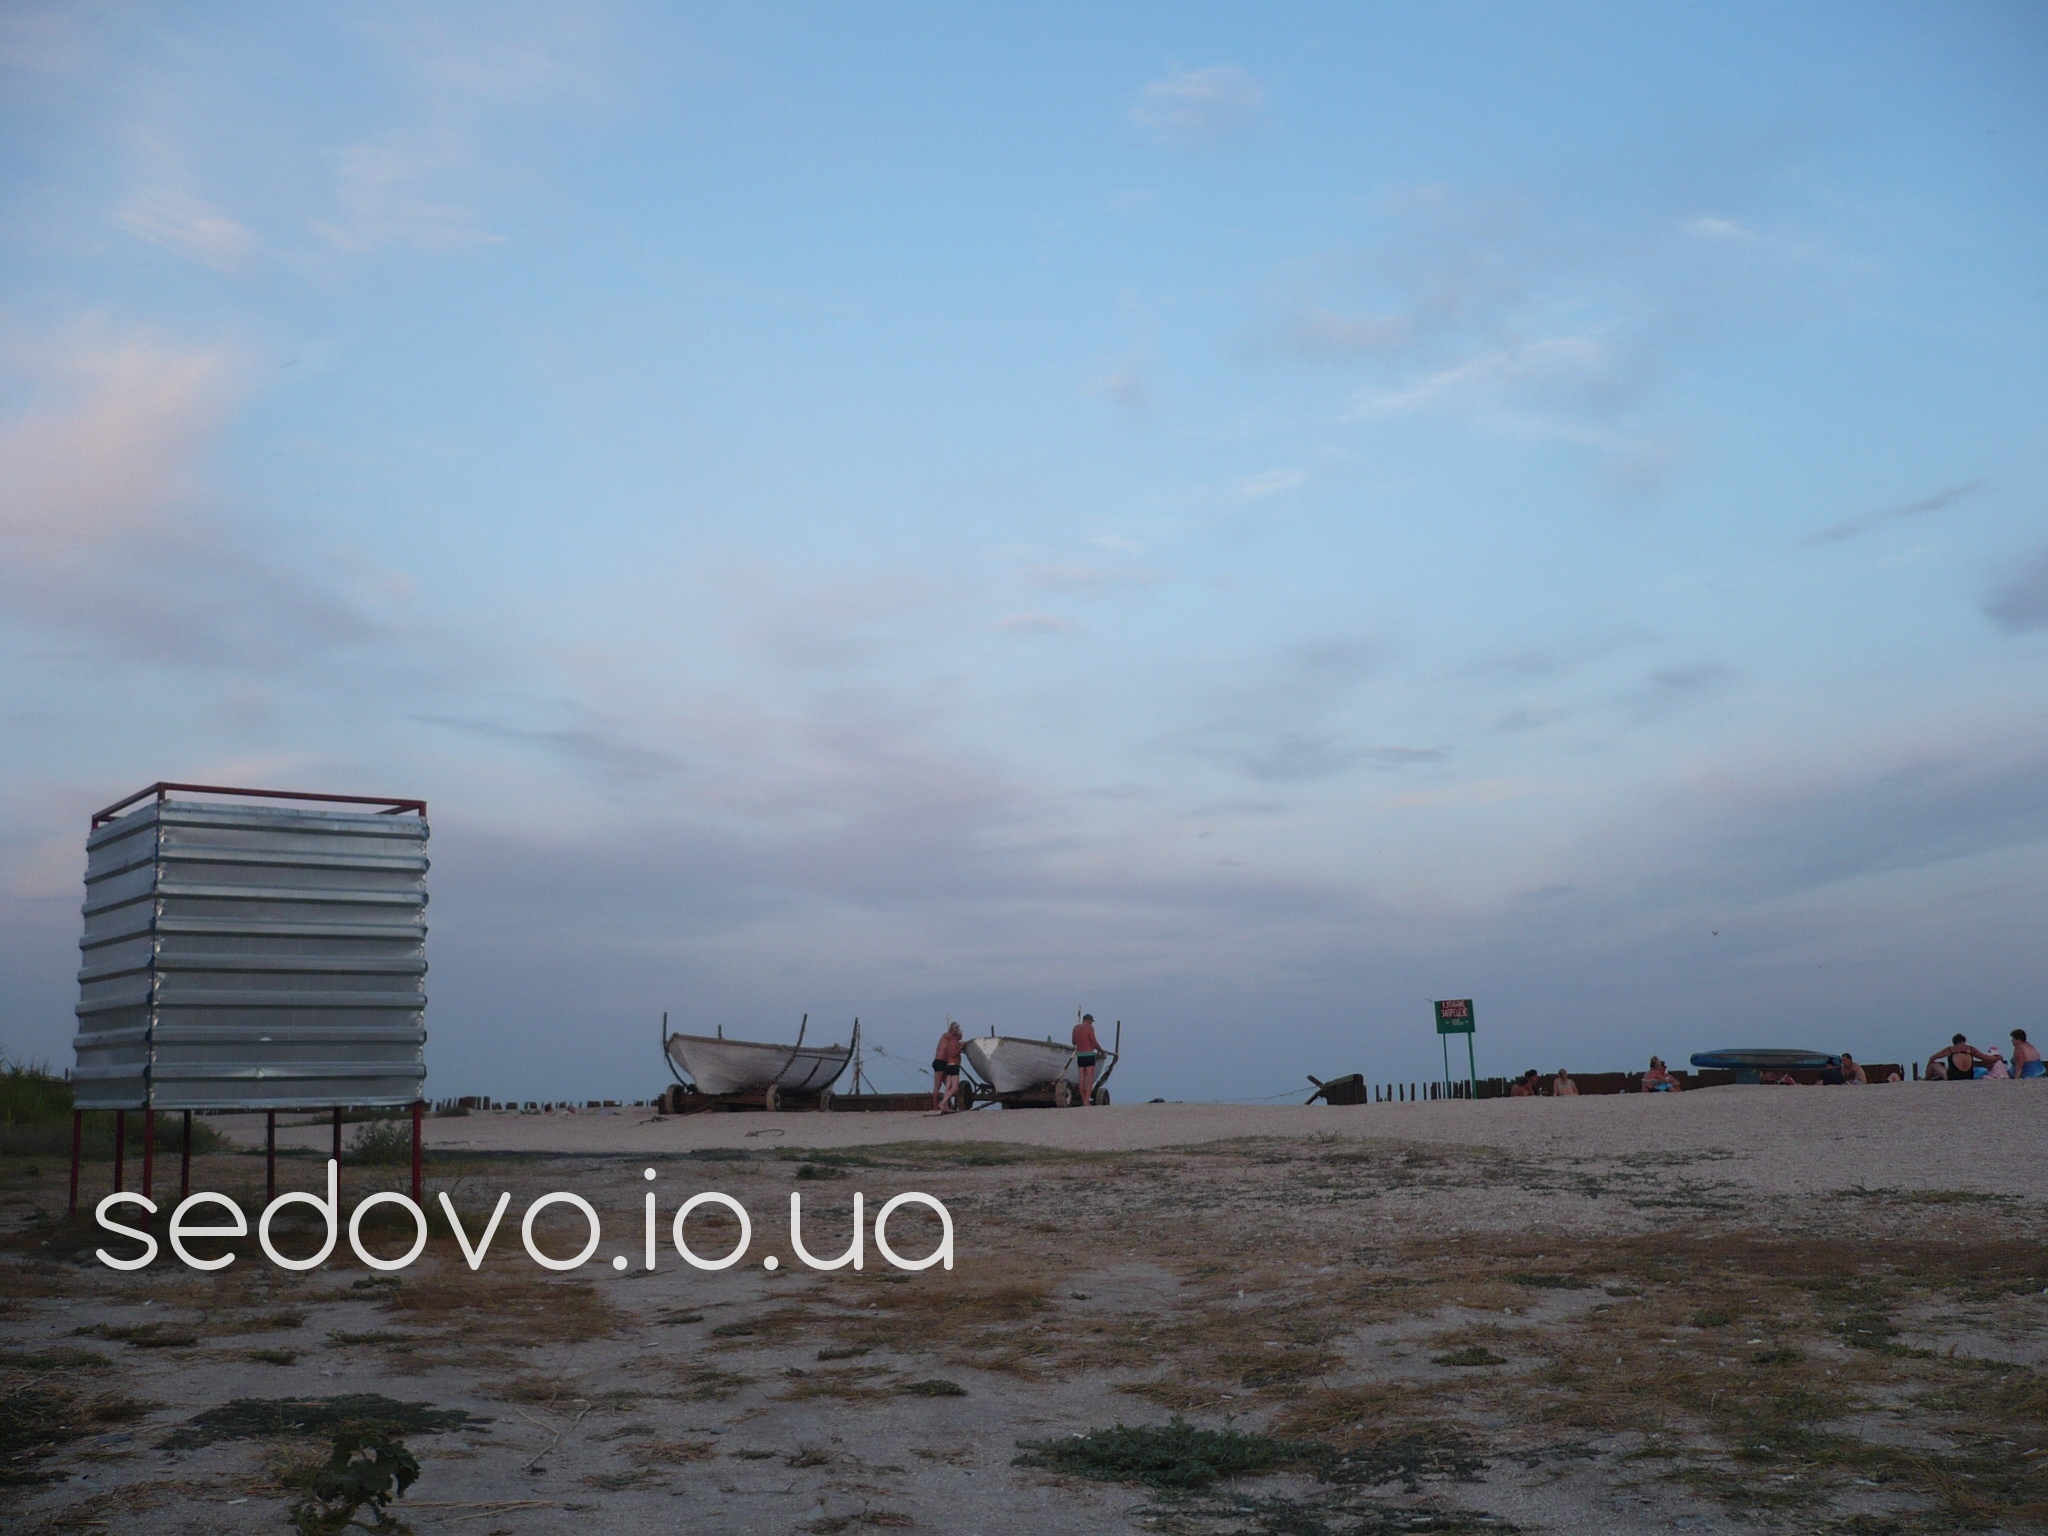 Седово фотографии пляжей самый лучший берег